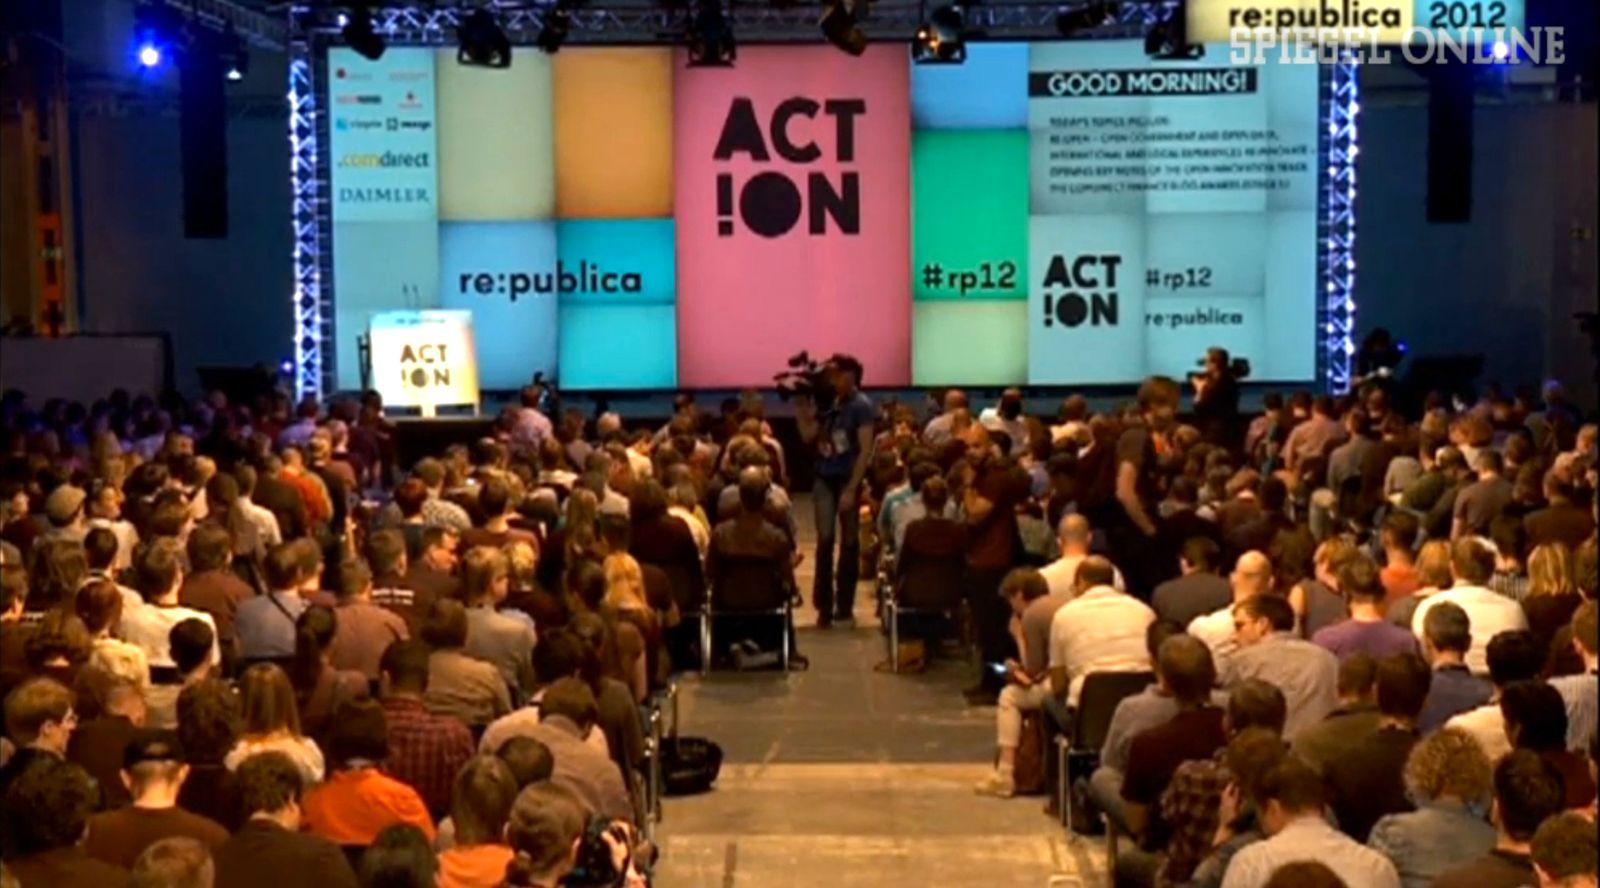 Screenshot re:publica 2012 Videograb